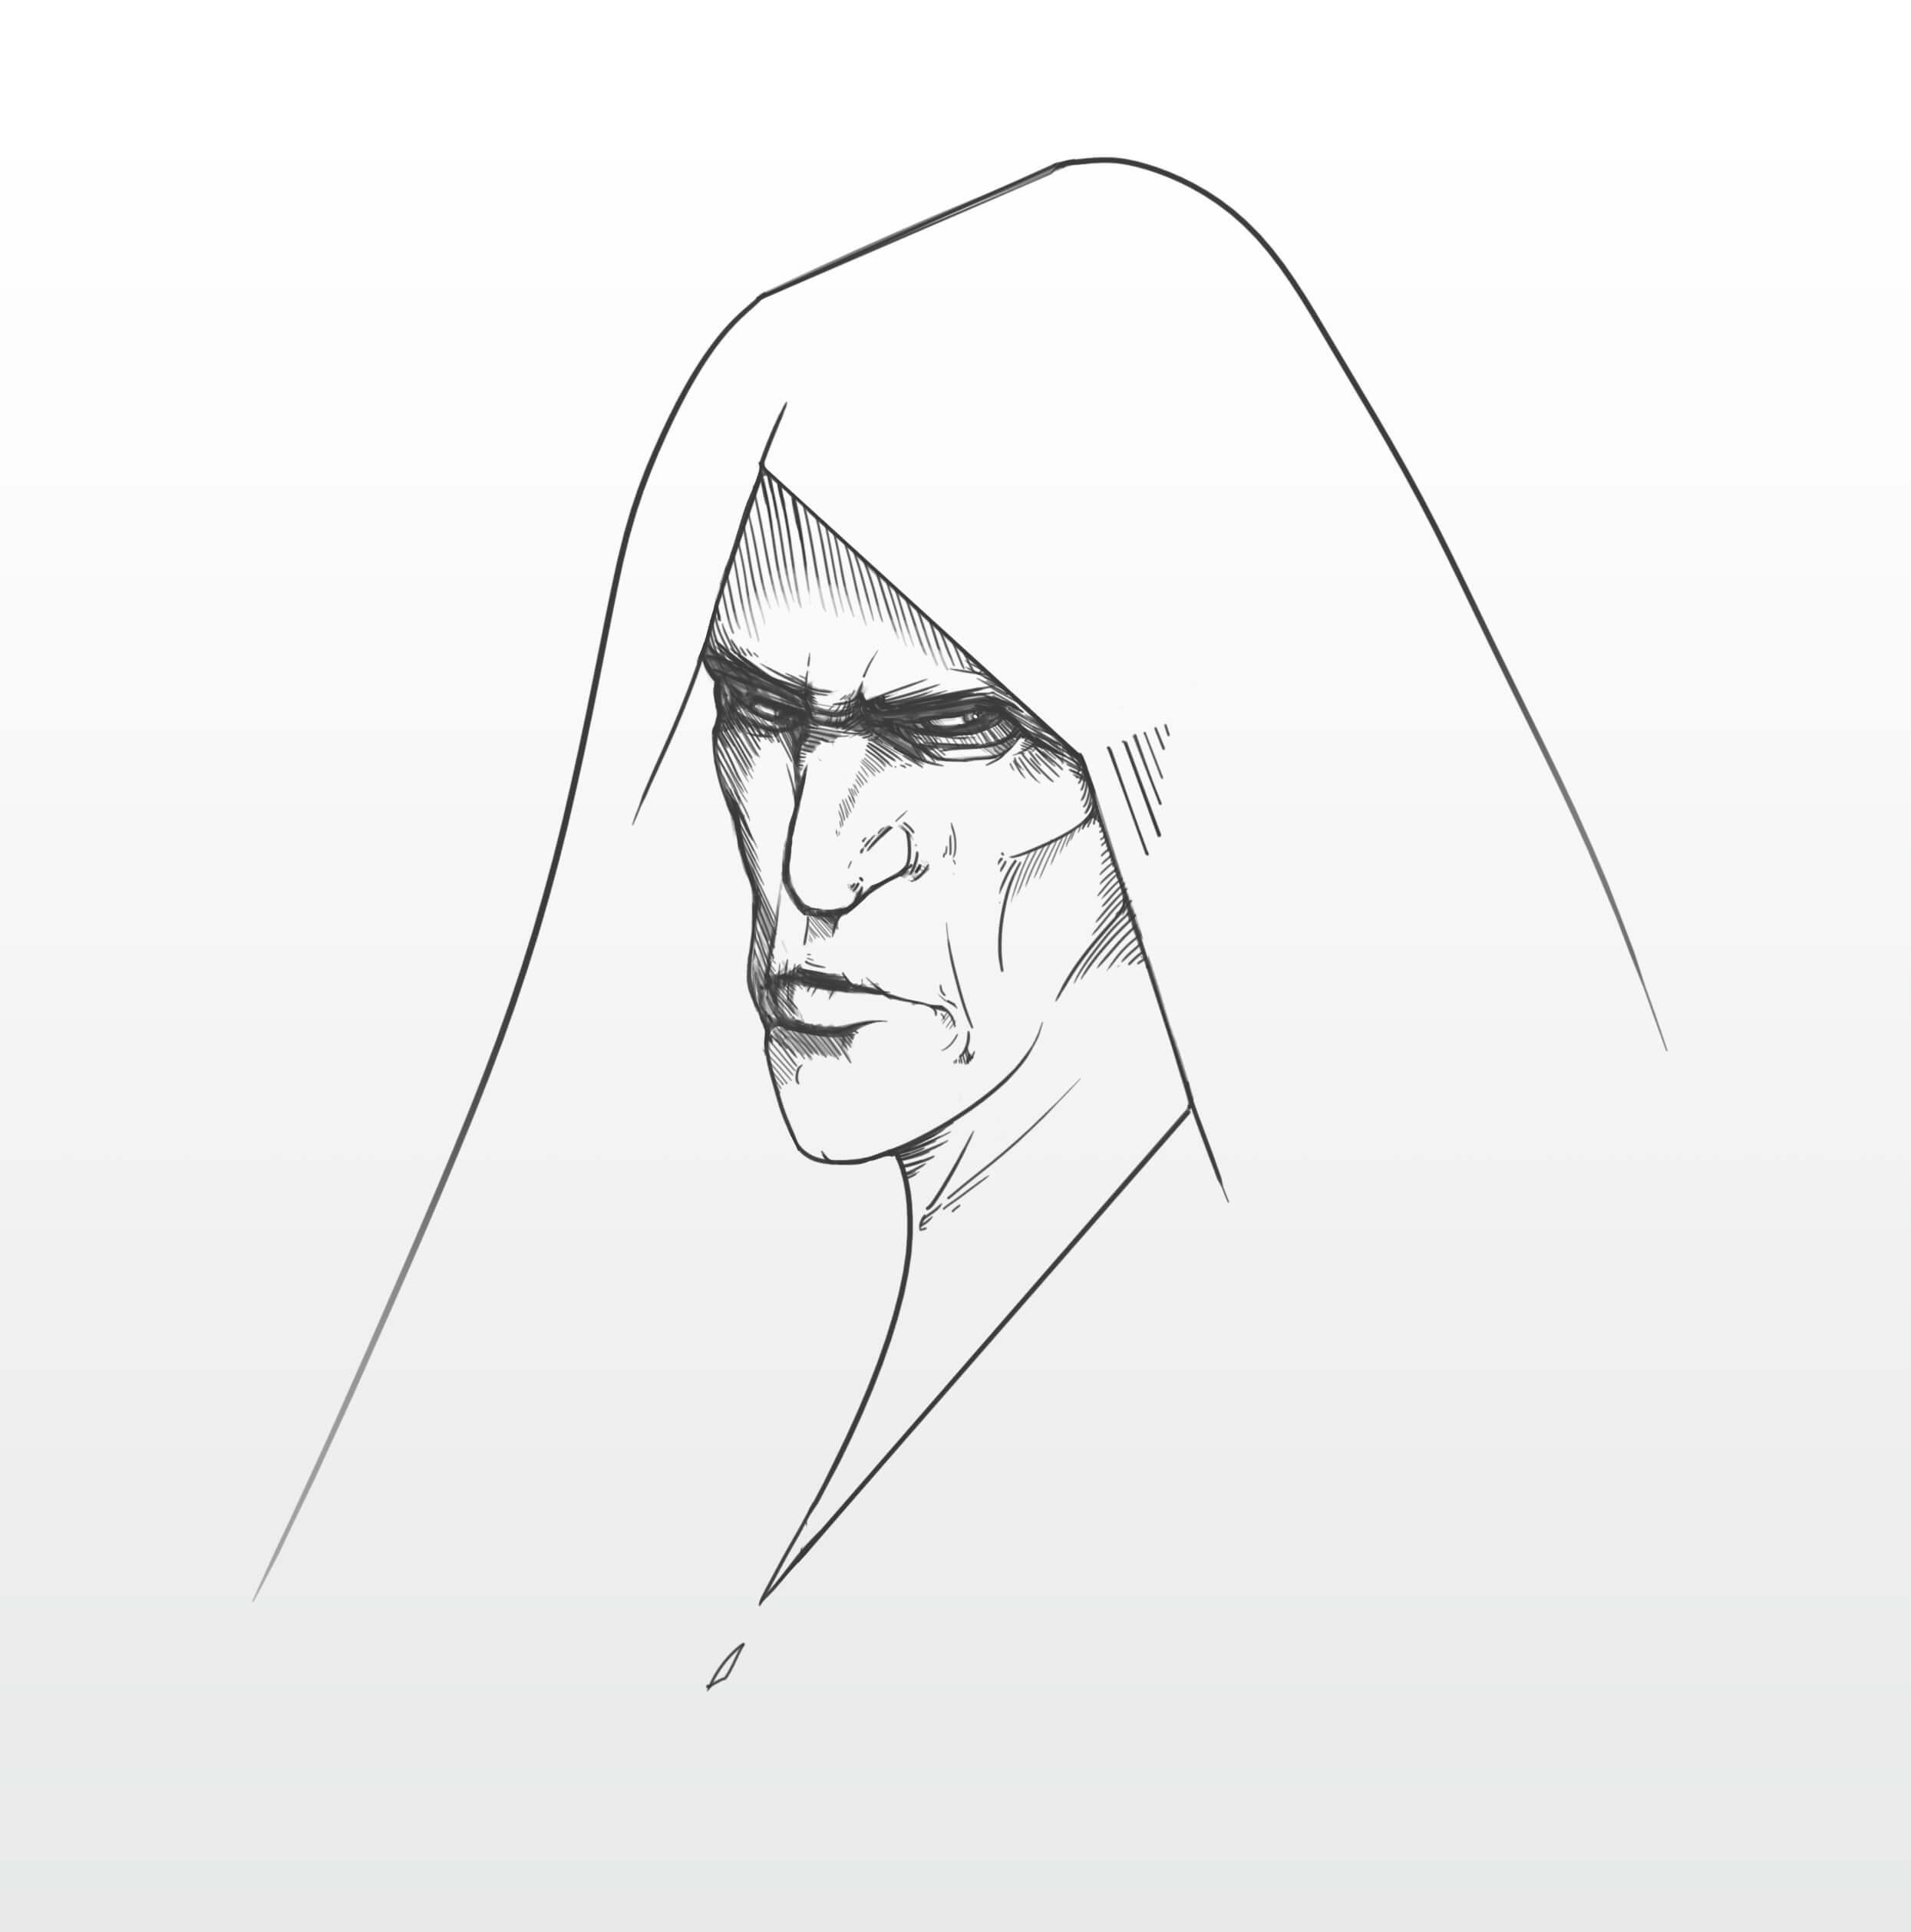 sketch_230720-1